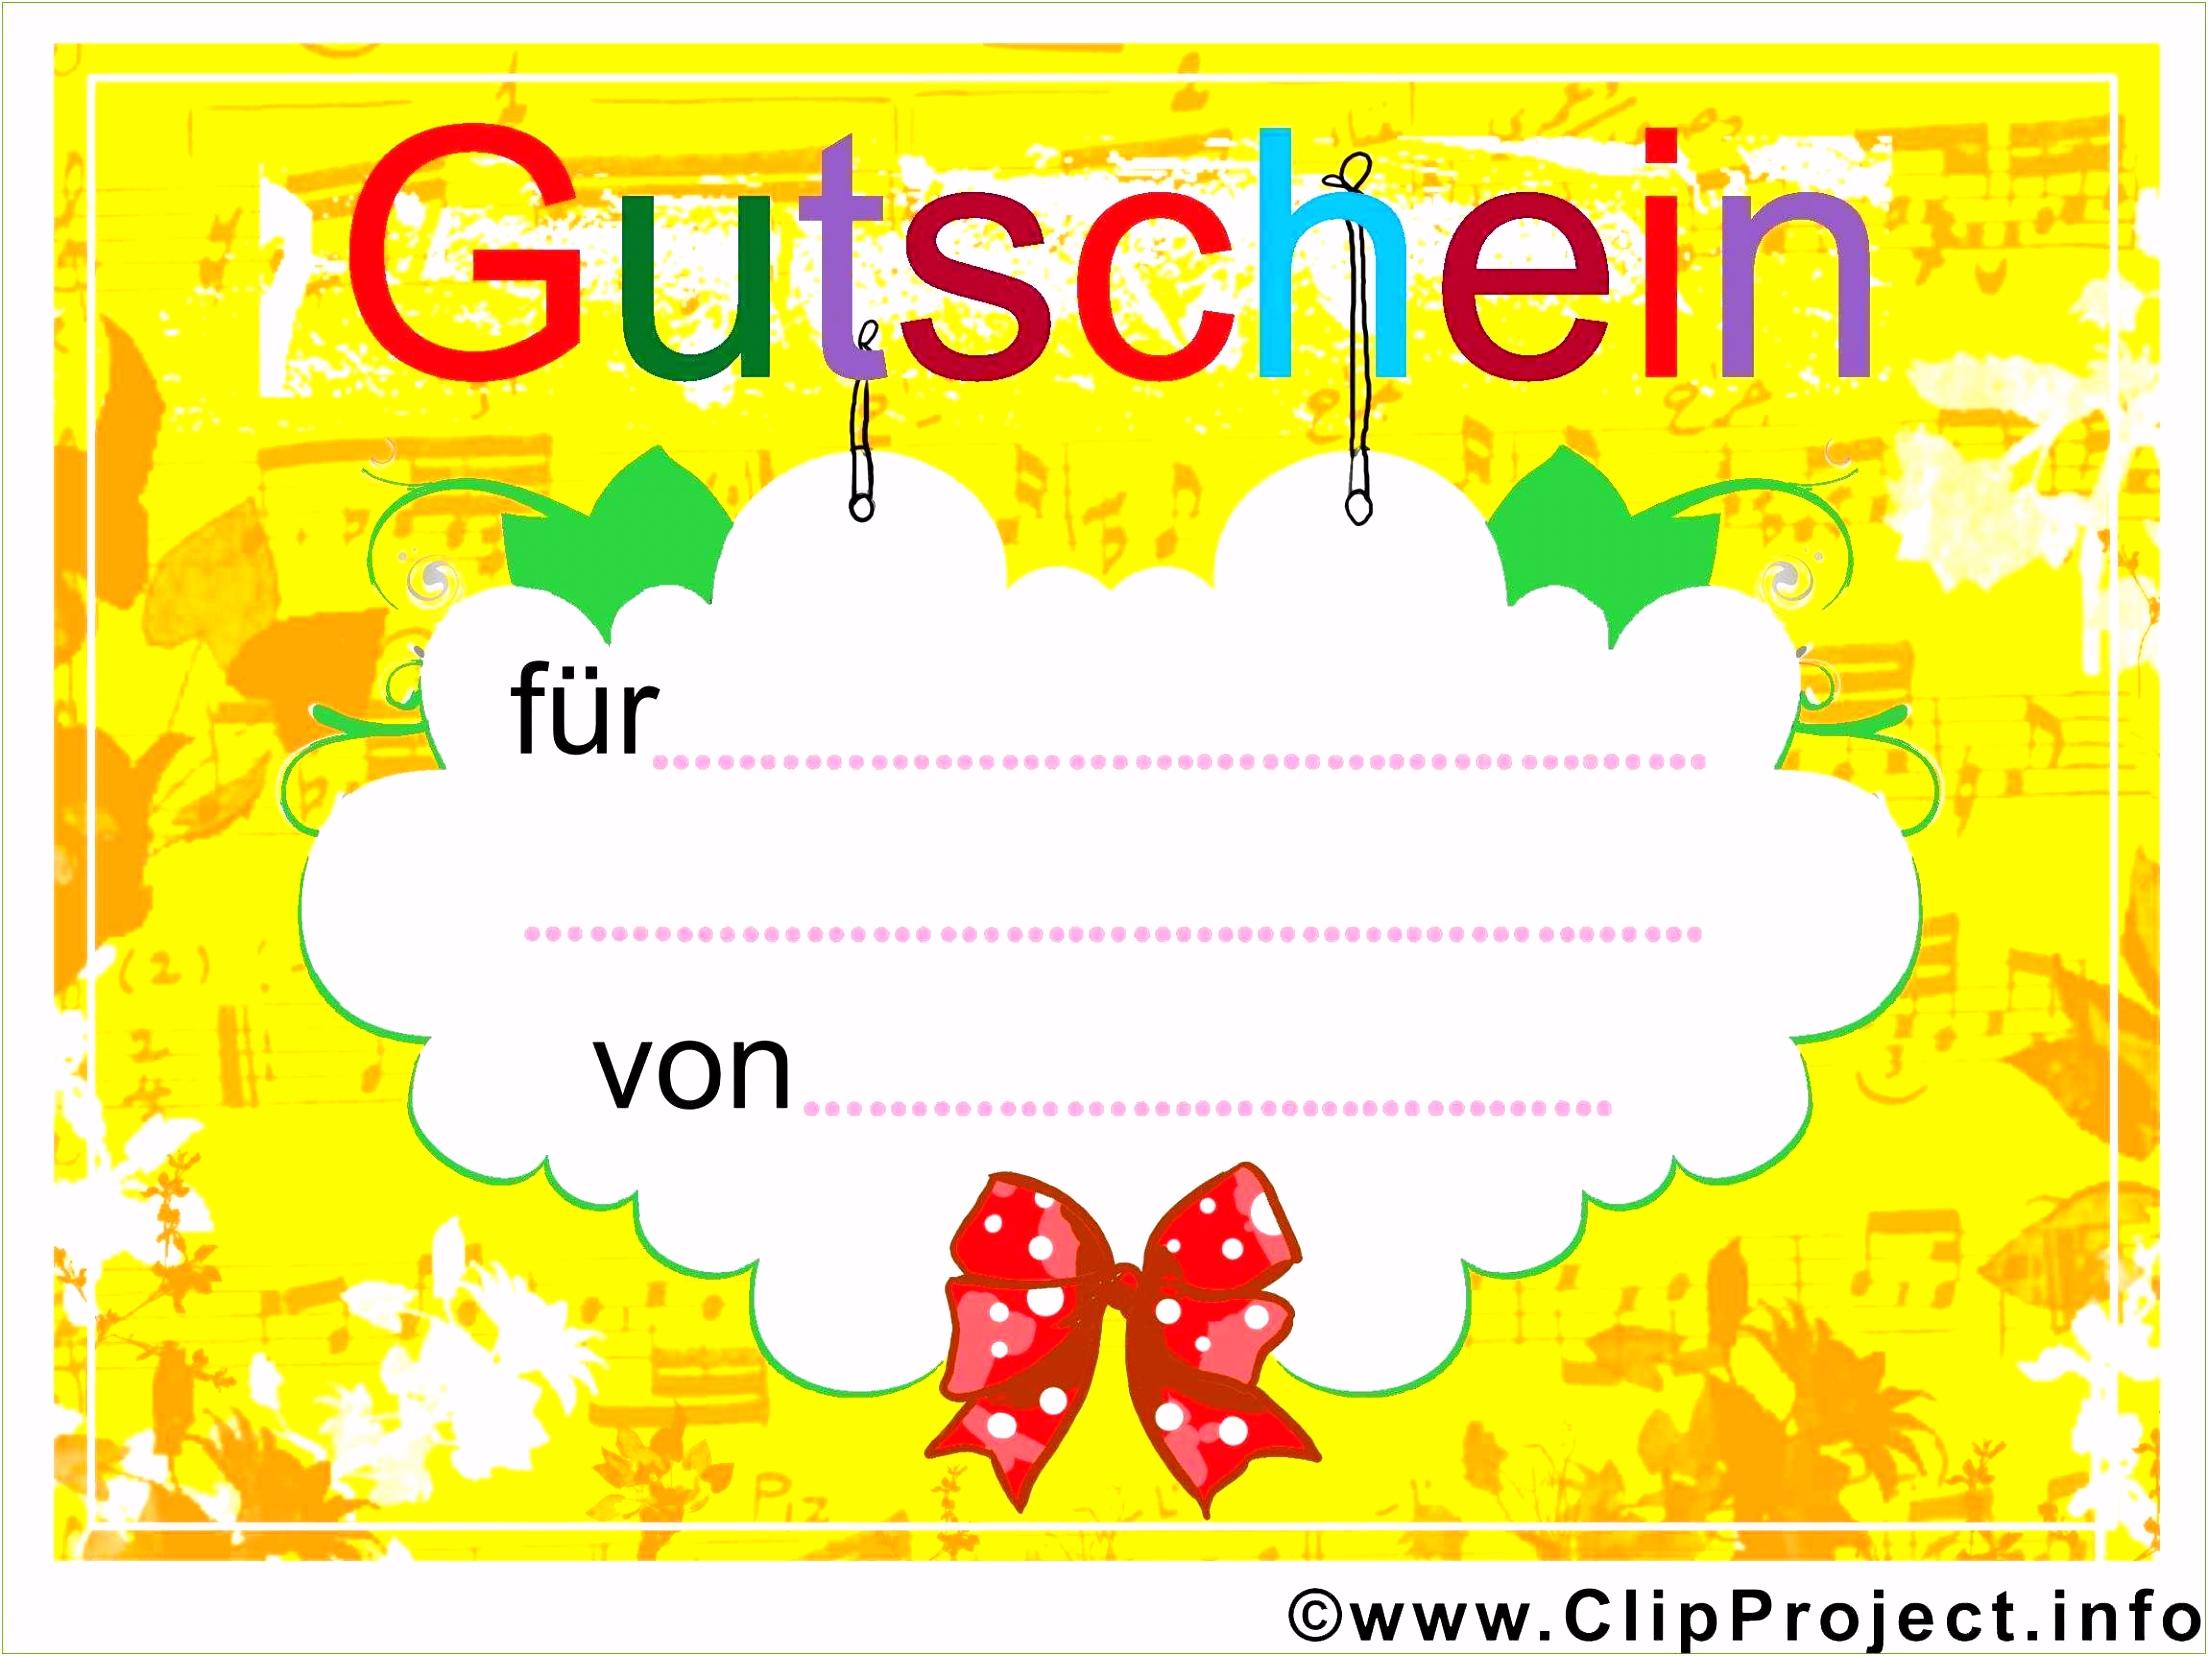 Gutschein Kommunion Vorlage Lustige Gutscheine Zum Ausdrucken Luxus Gutschein Vorlagen Karten In U1tw85fft5 Yhuc2hgohs